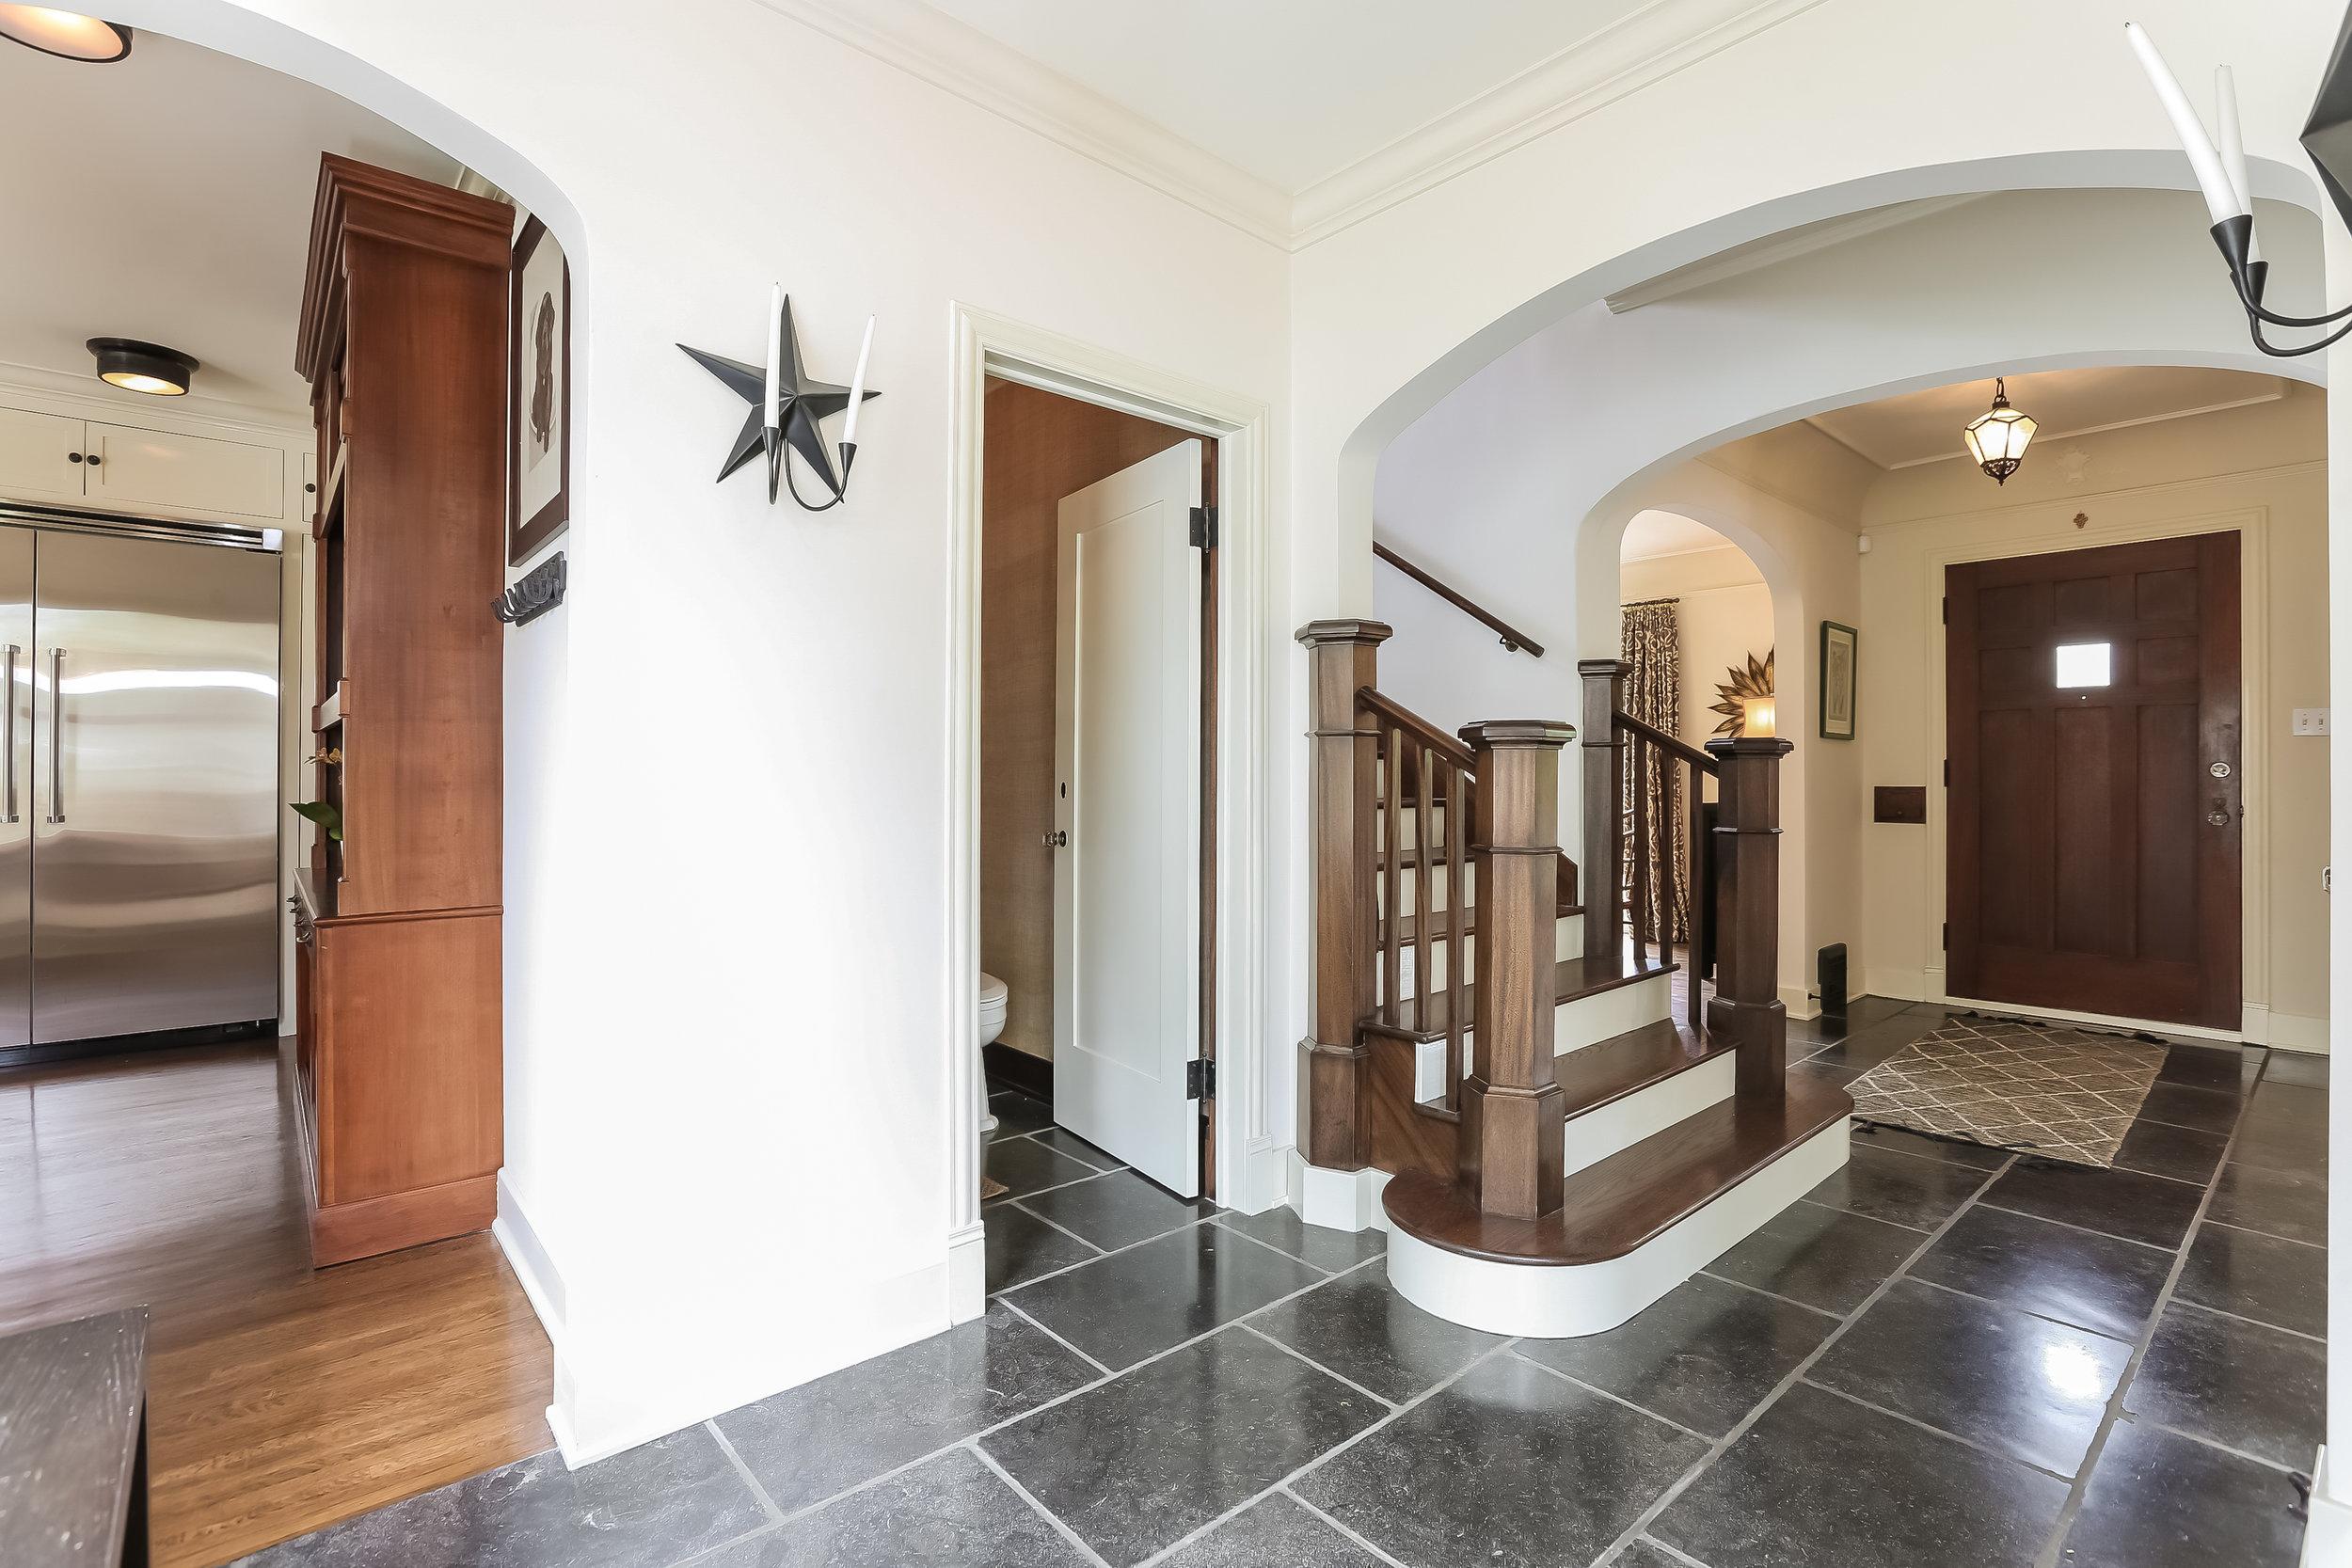 Foyer-5846824.jpg